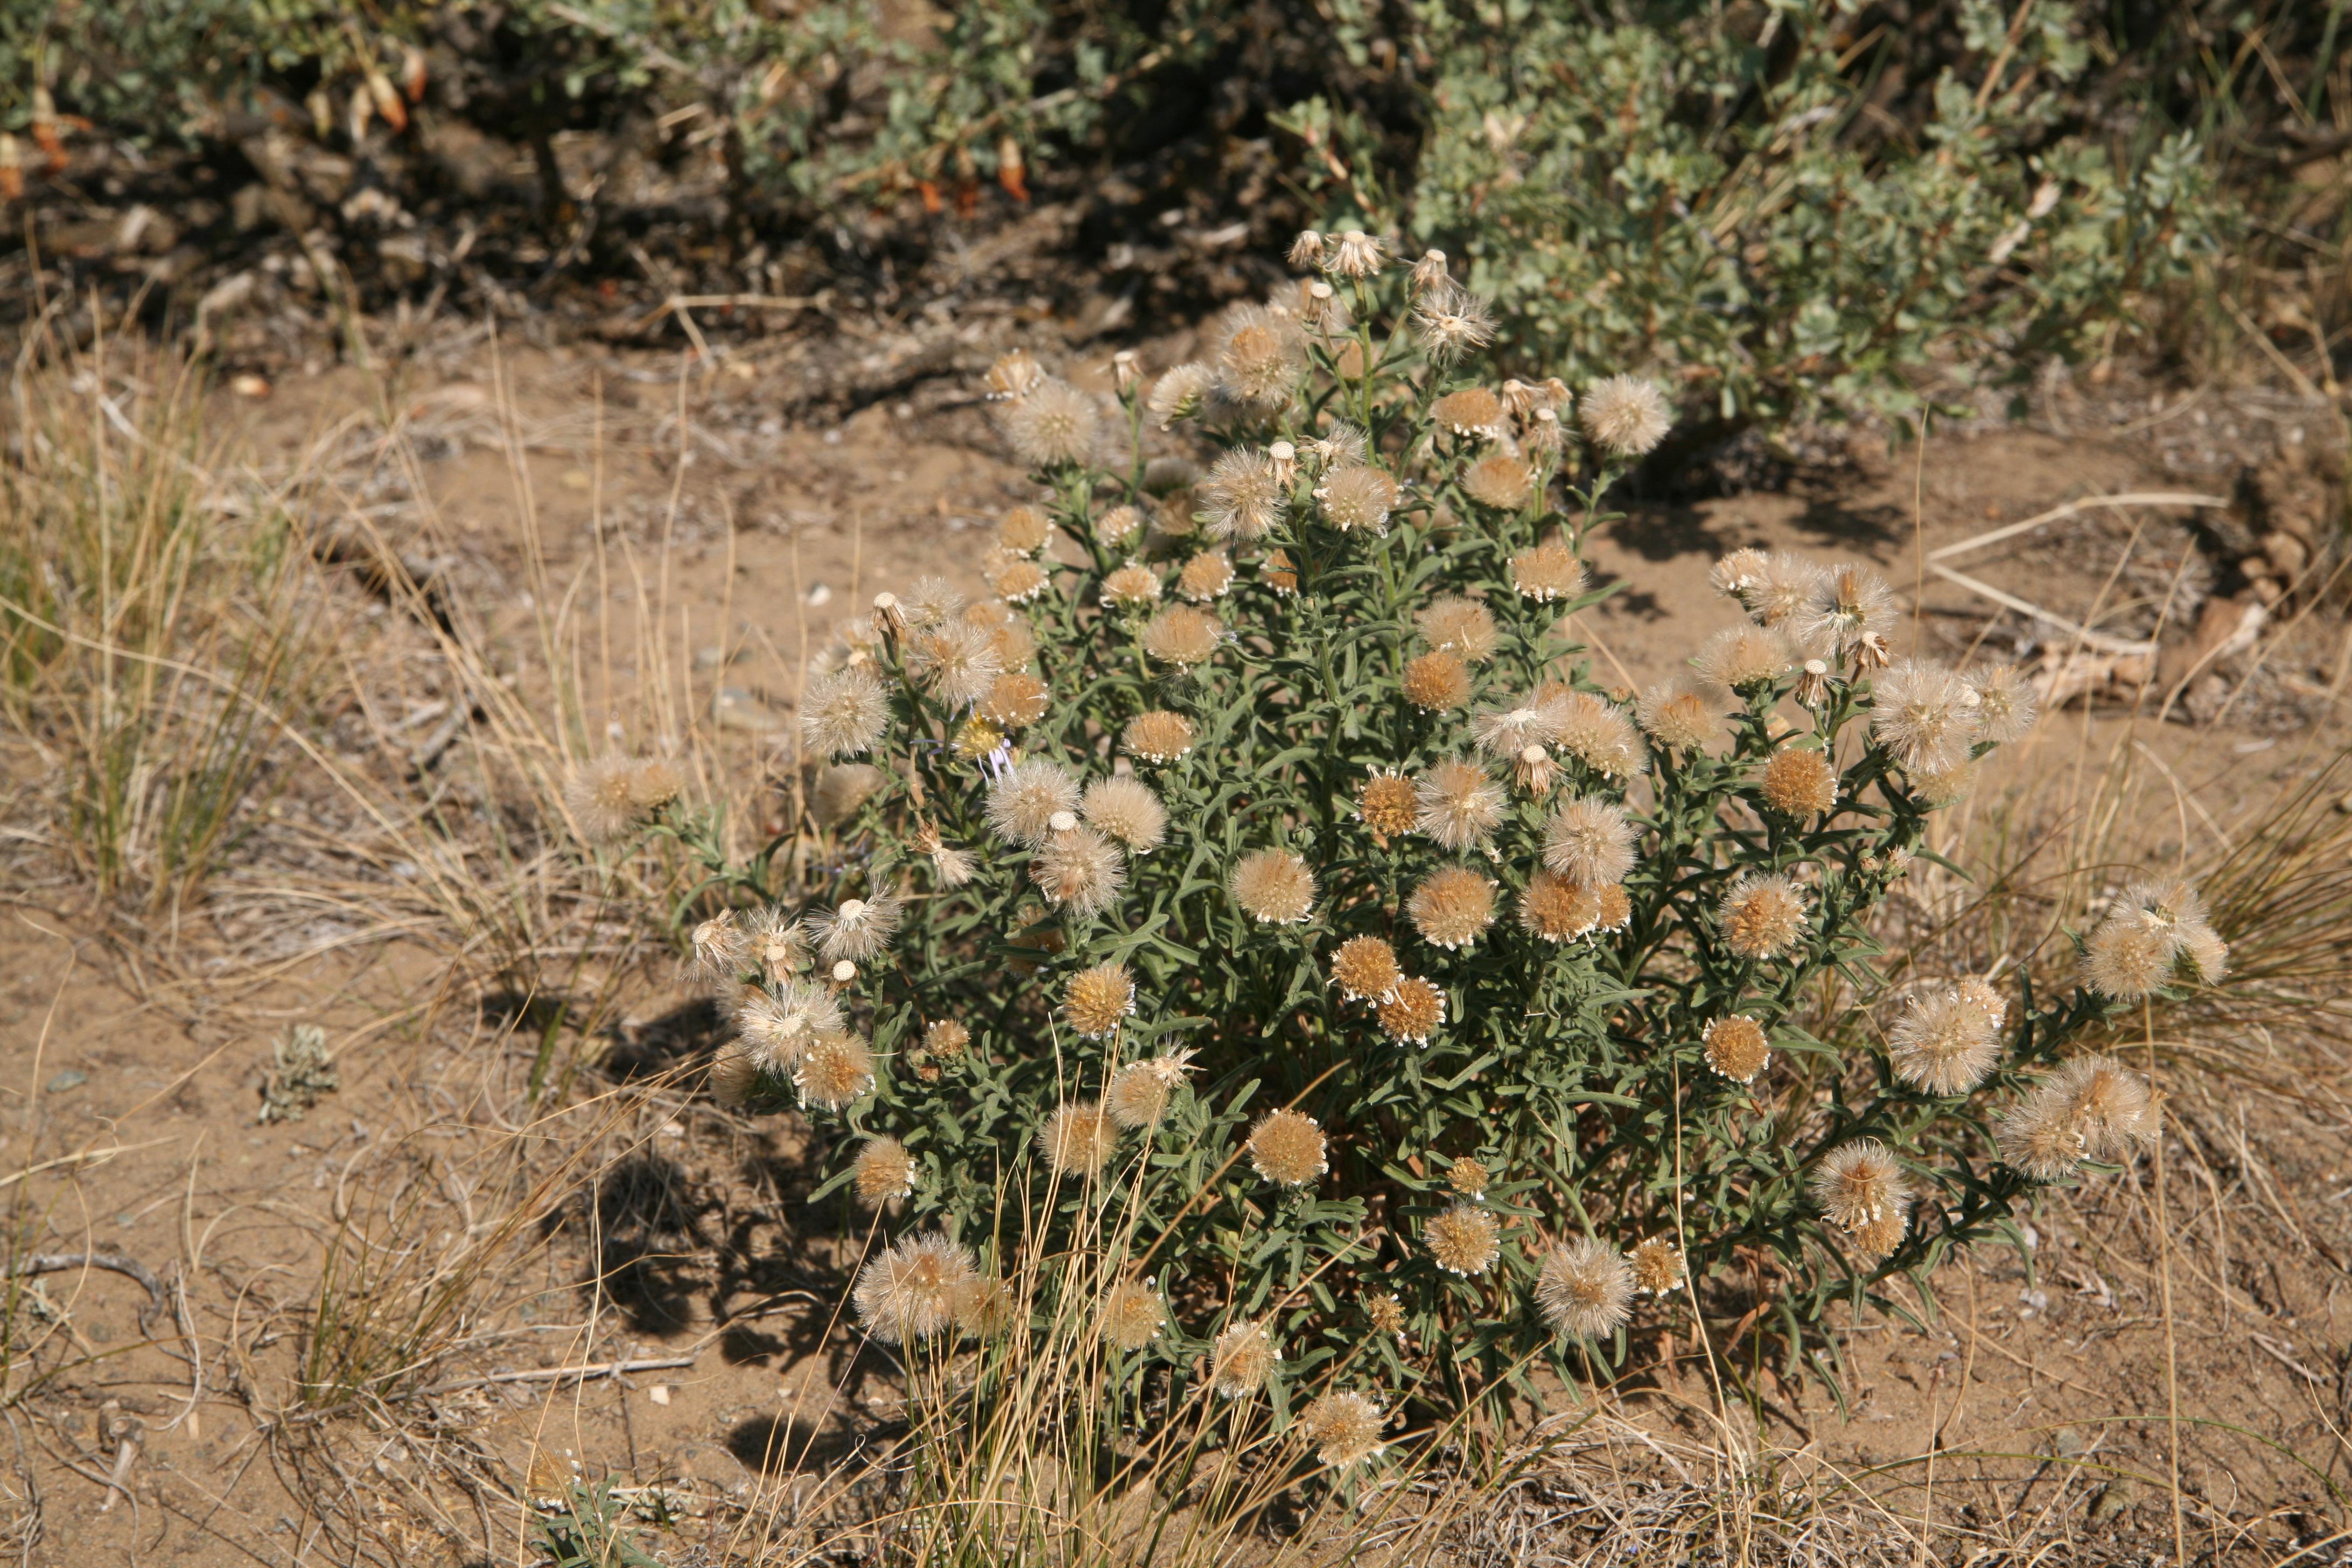 view image: Heteropappus biennis (Ledeb.) Tamamsch. ex Grub.